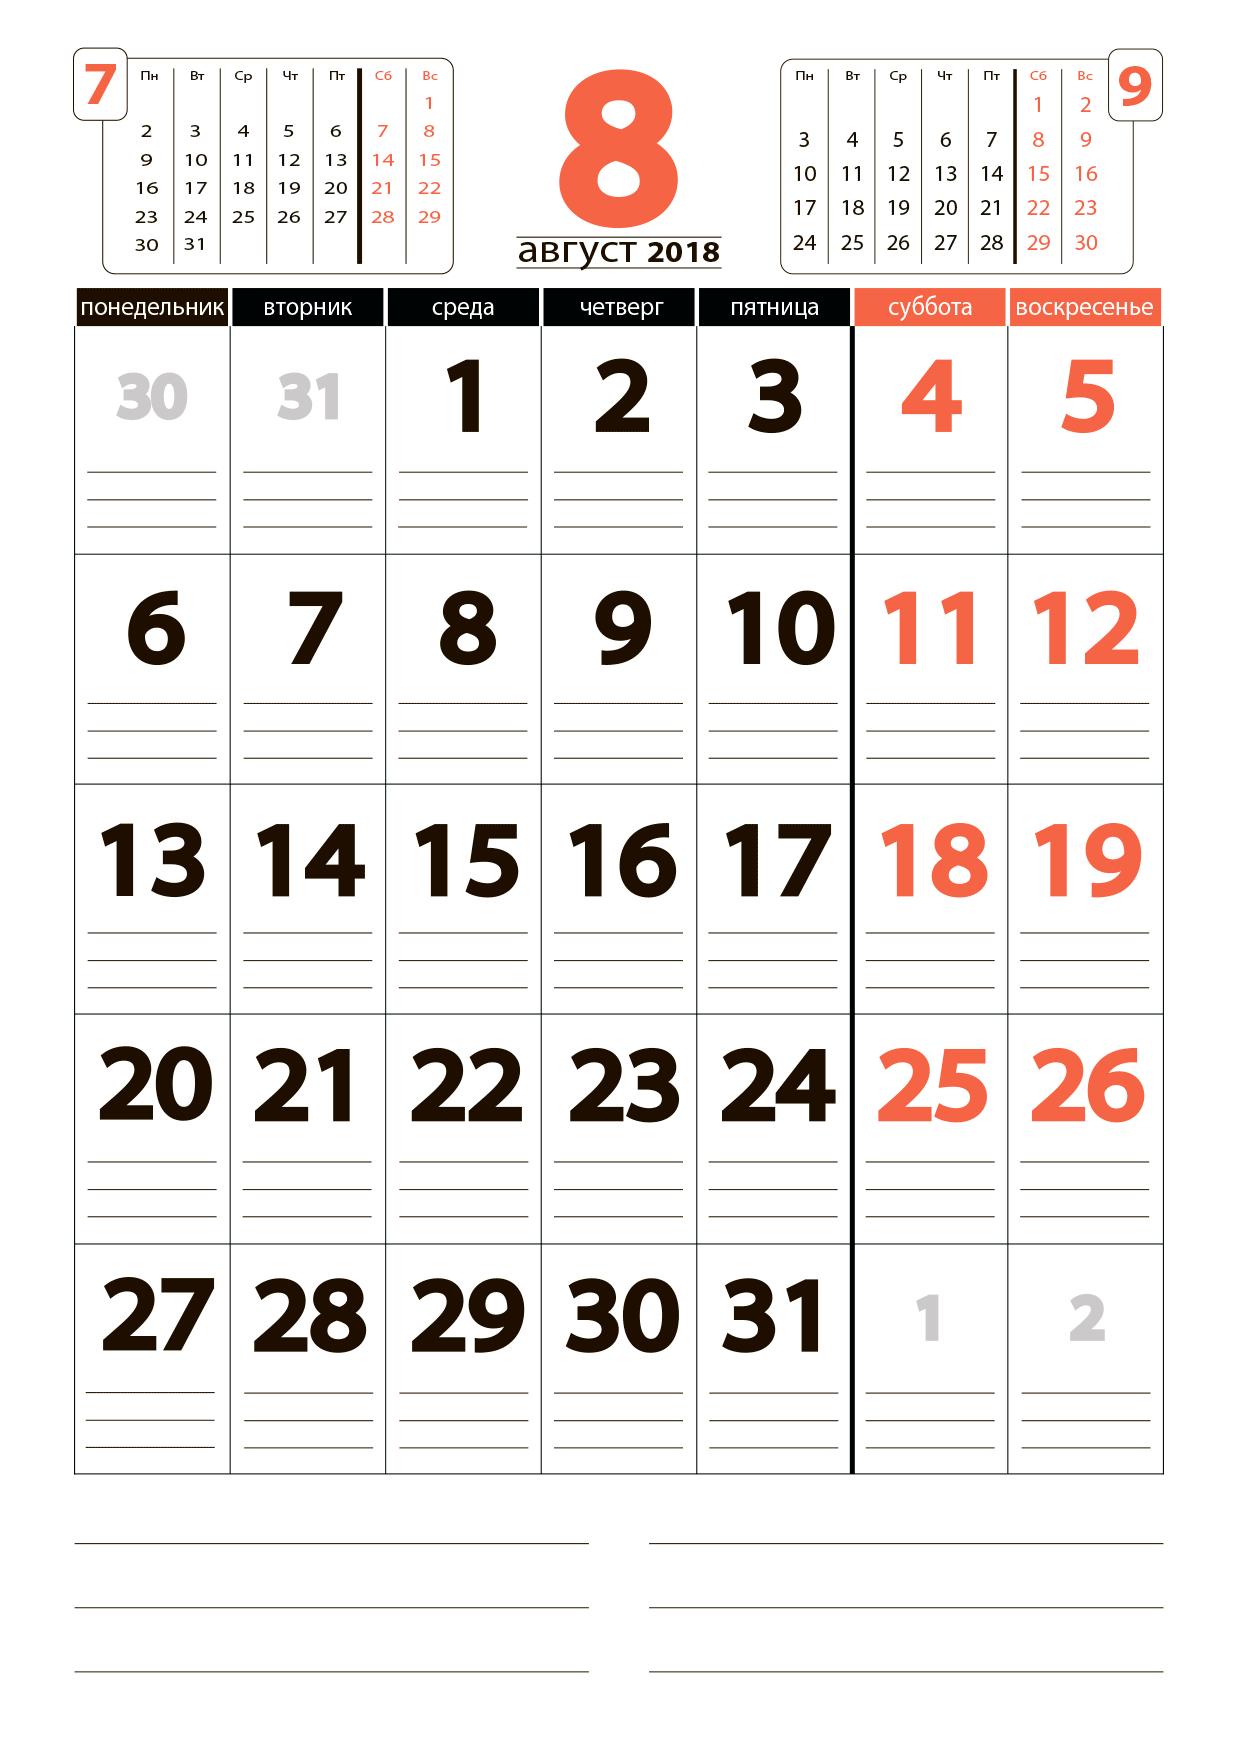 Лунный календарь на ноябрь  маникюр, педикюр — благоприятный день для воздействия на ногти.